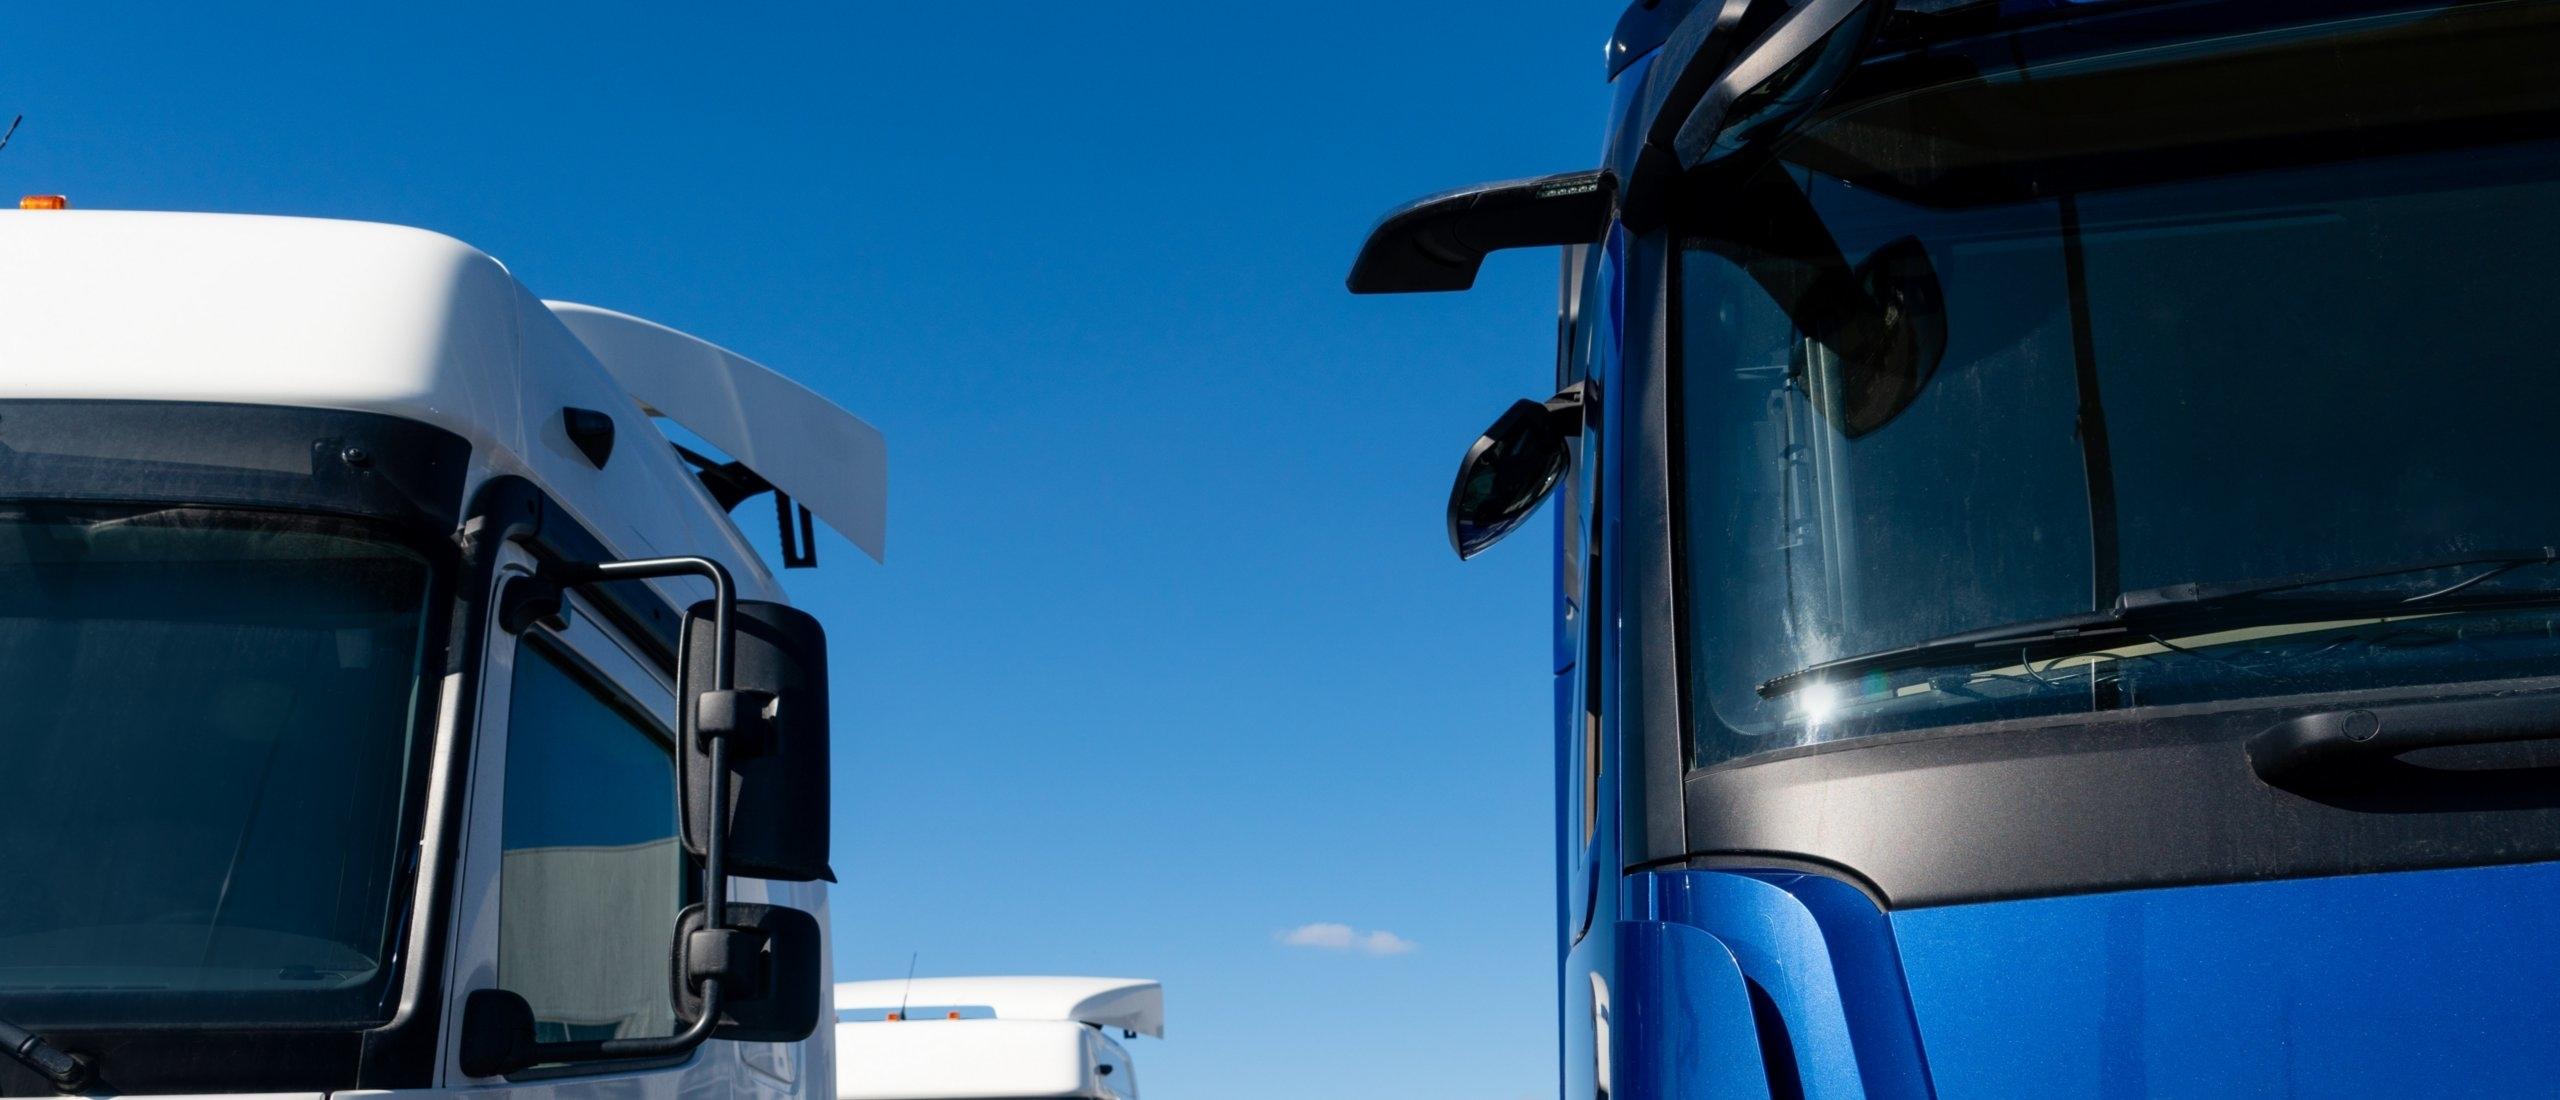 DVS voor vrachtwagen: meer veiligheid rondom